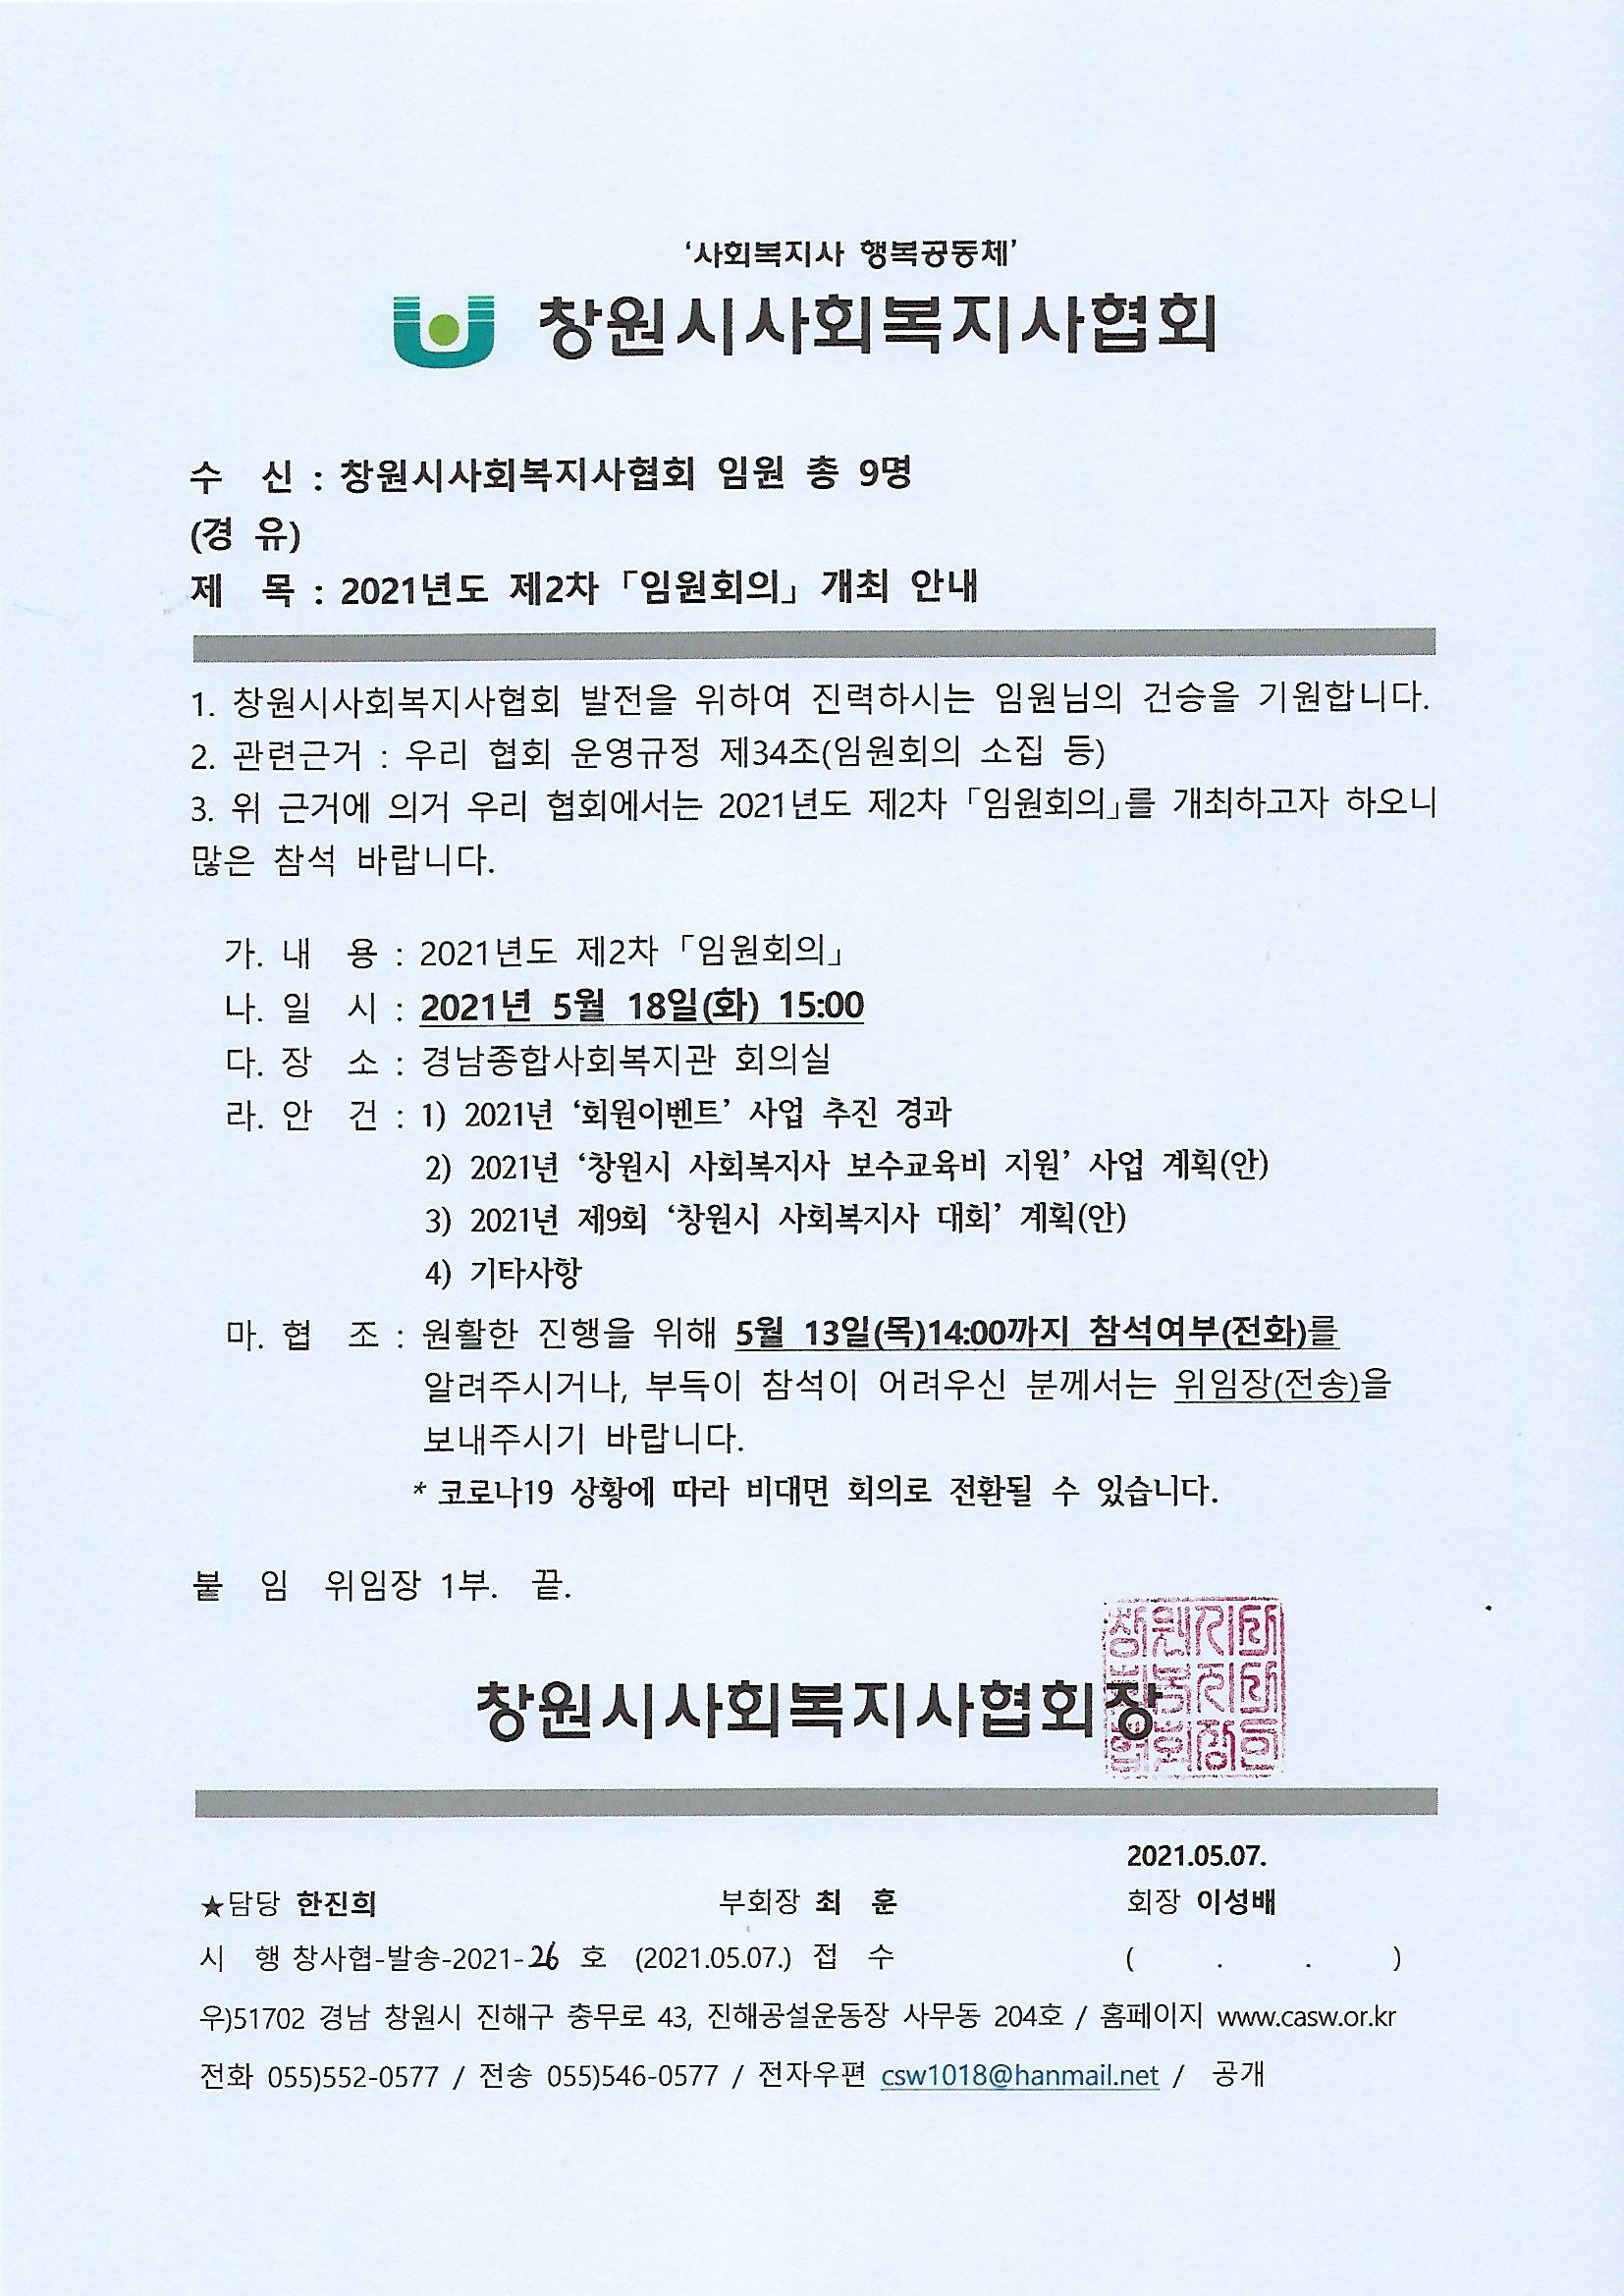 2021년 제2차 임원회의 개최 안내.jpg